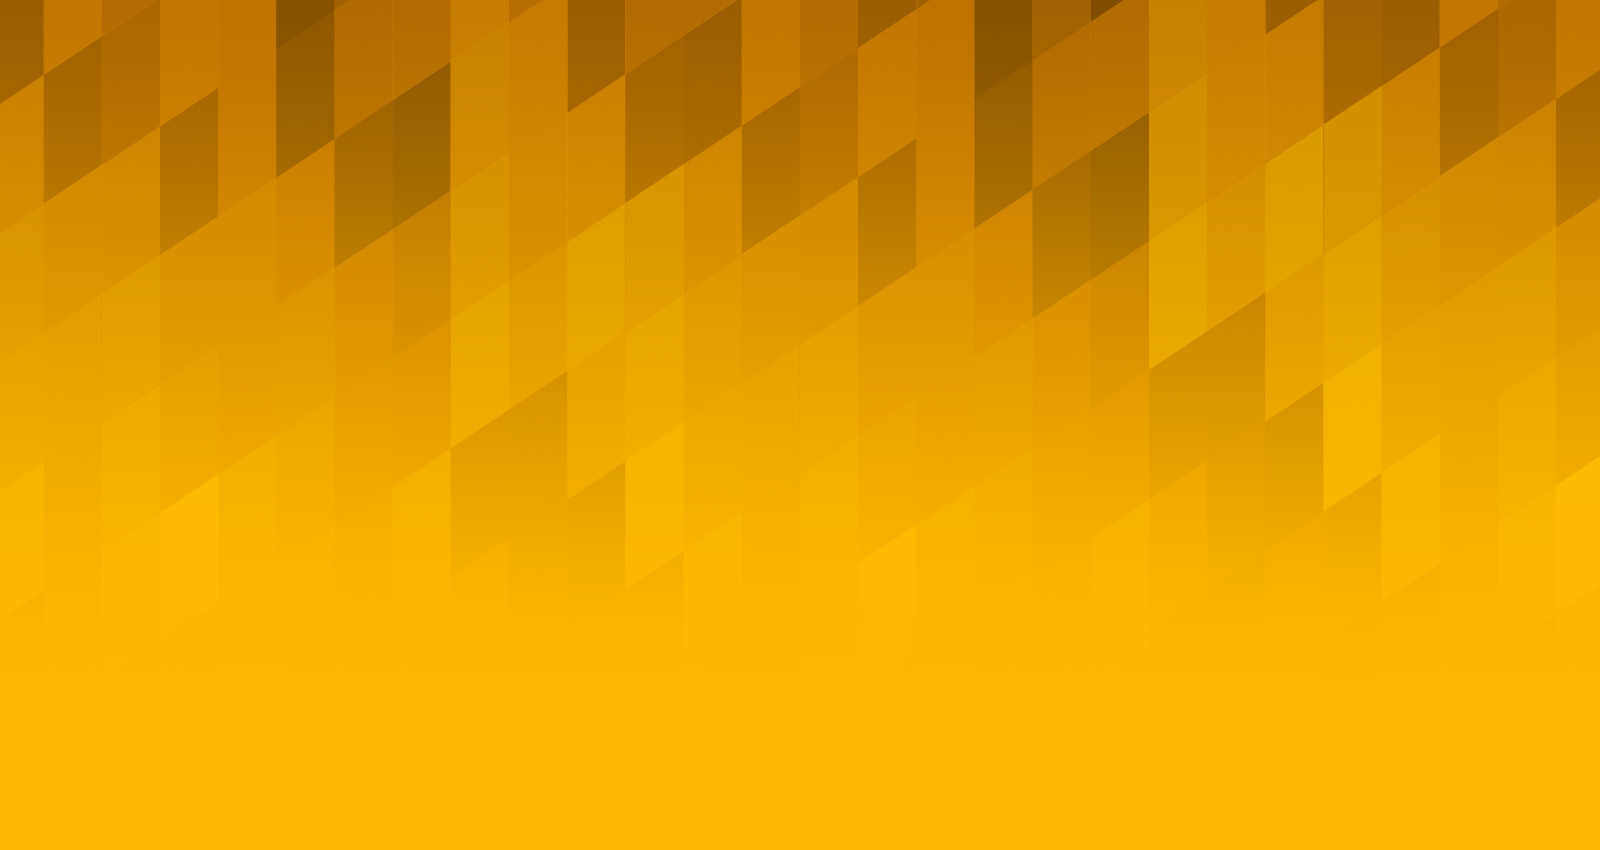 Sound-Film-Design_Background_Sound